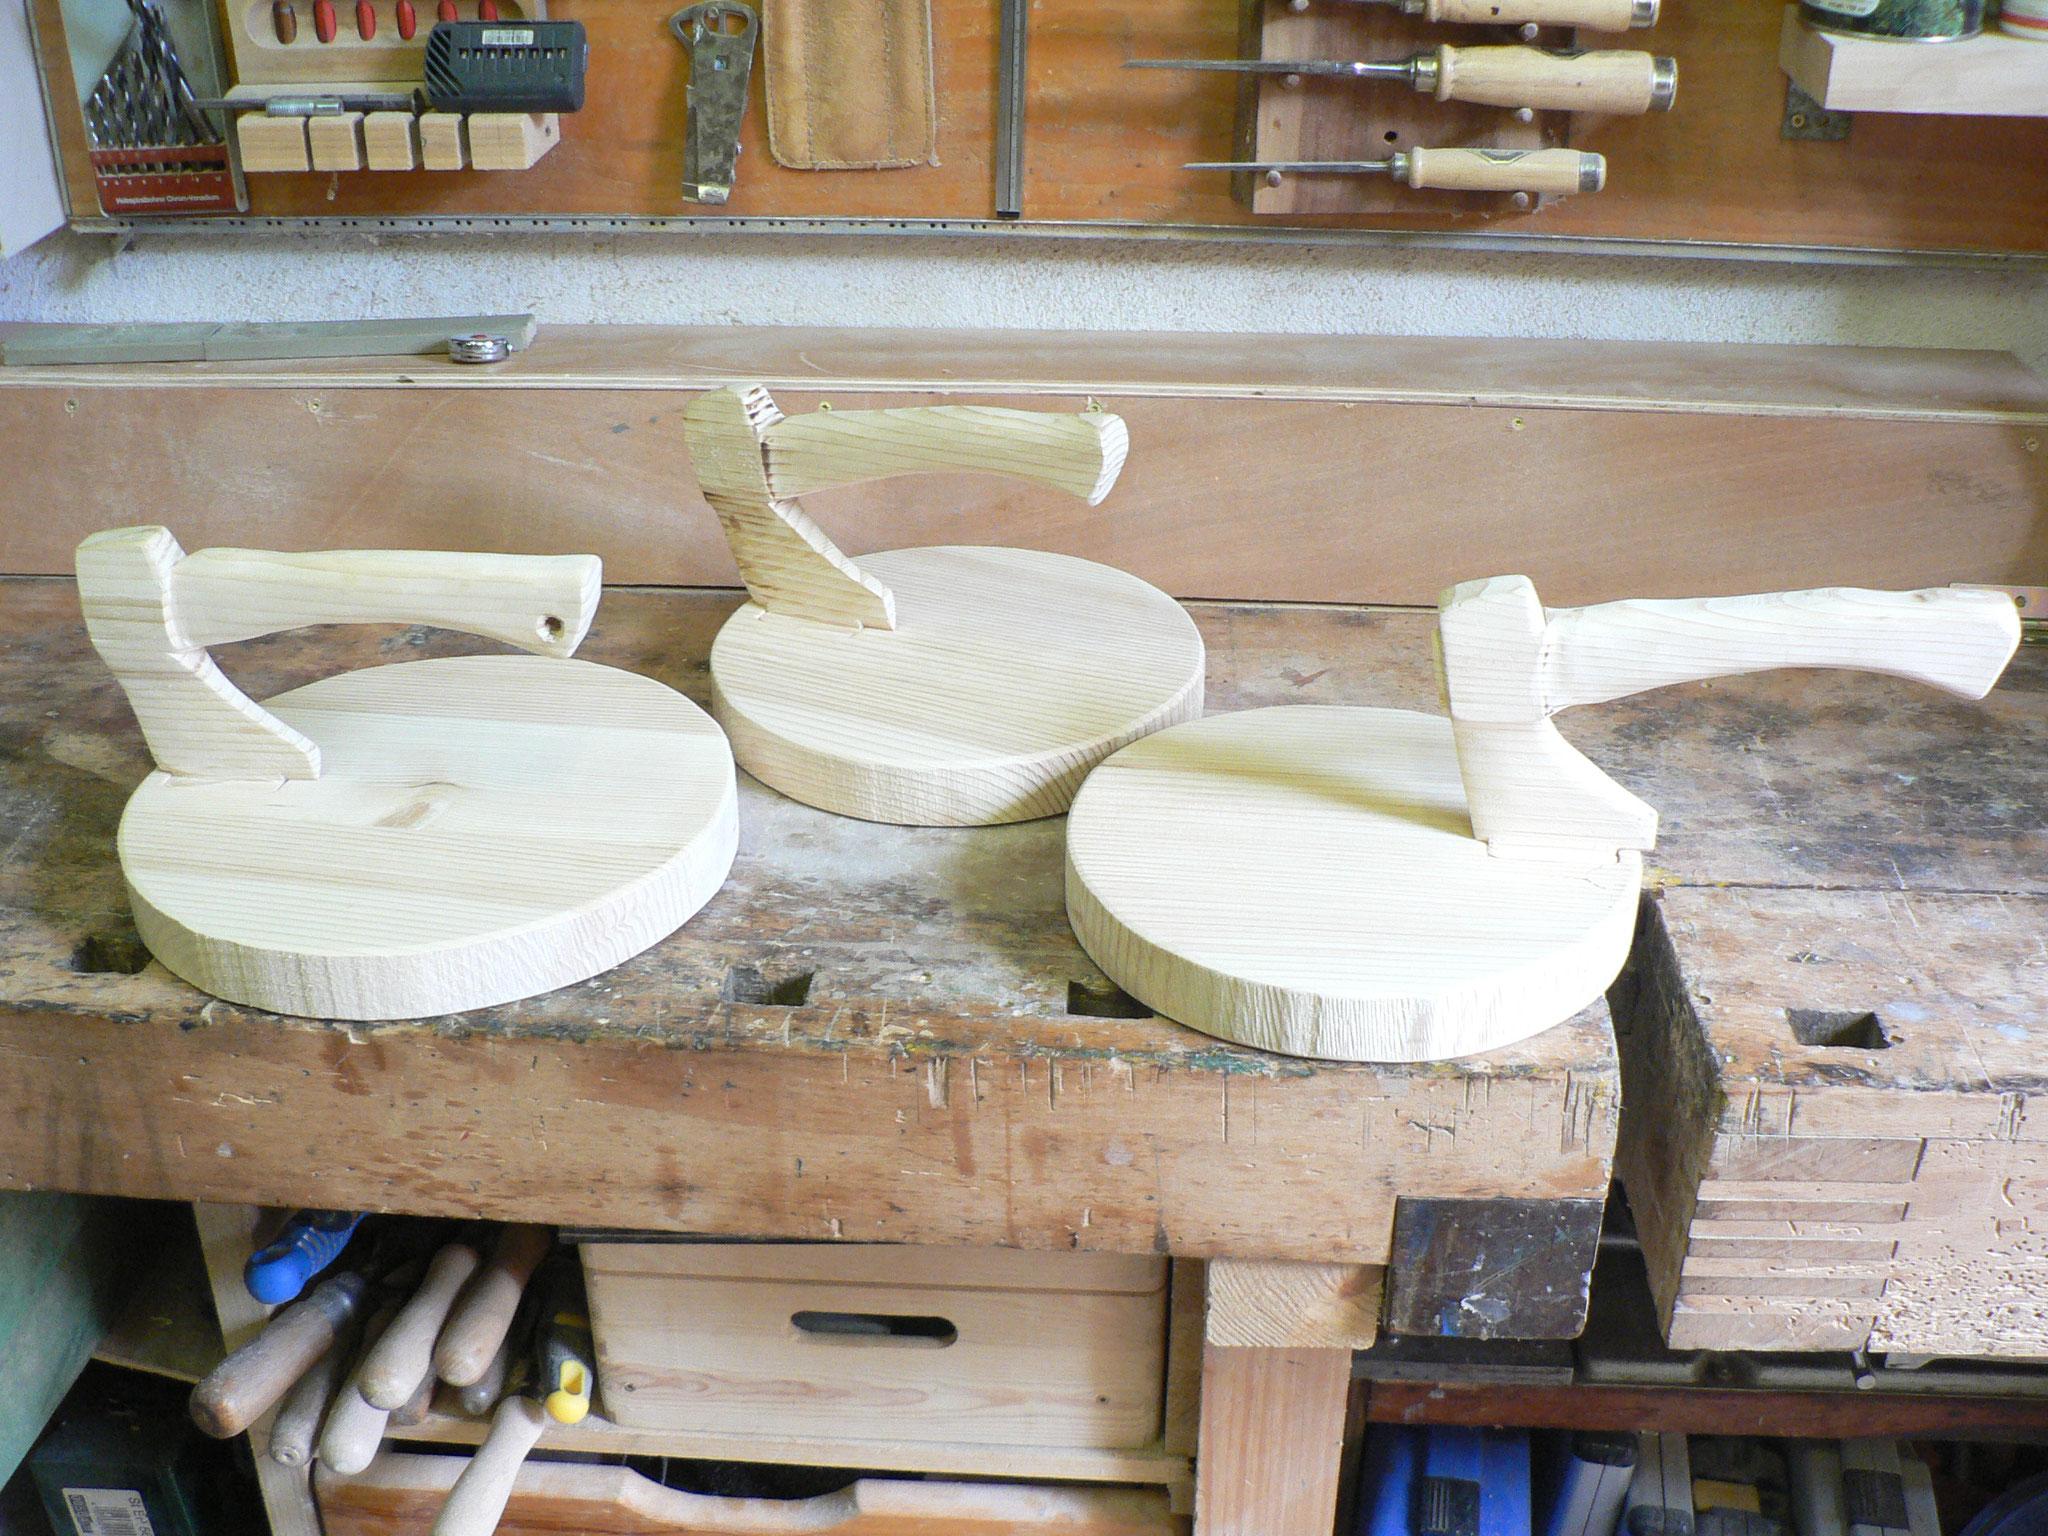 Stamperlbretter nicht nur für Gläser auch für Käse oder Wurst geeignet